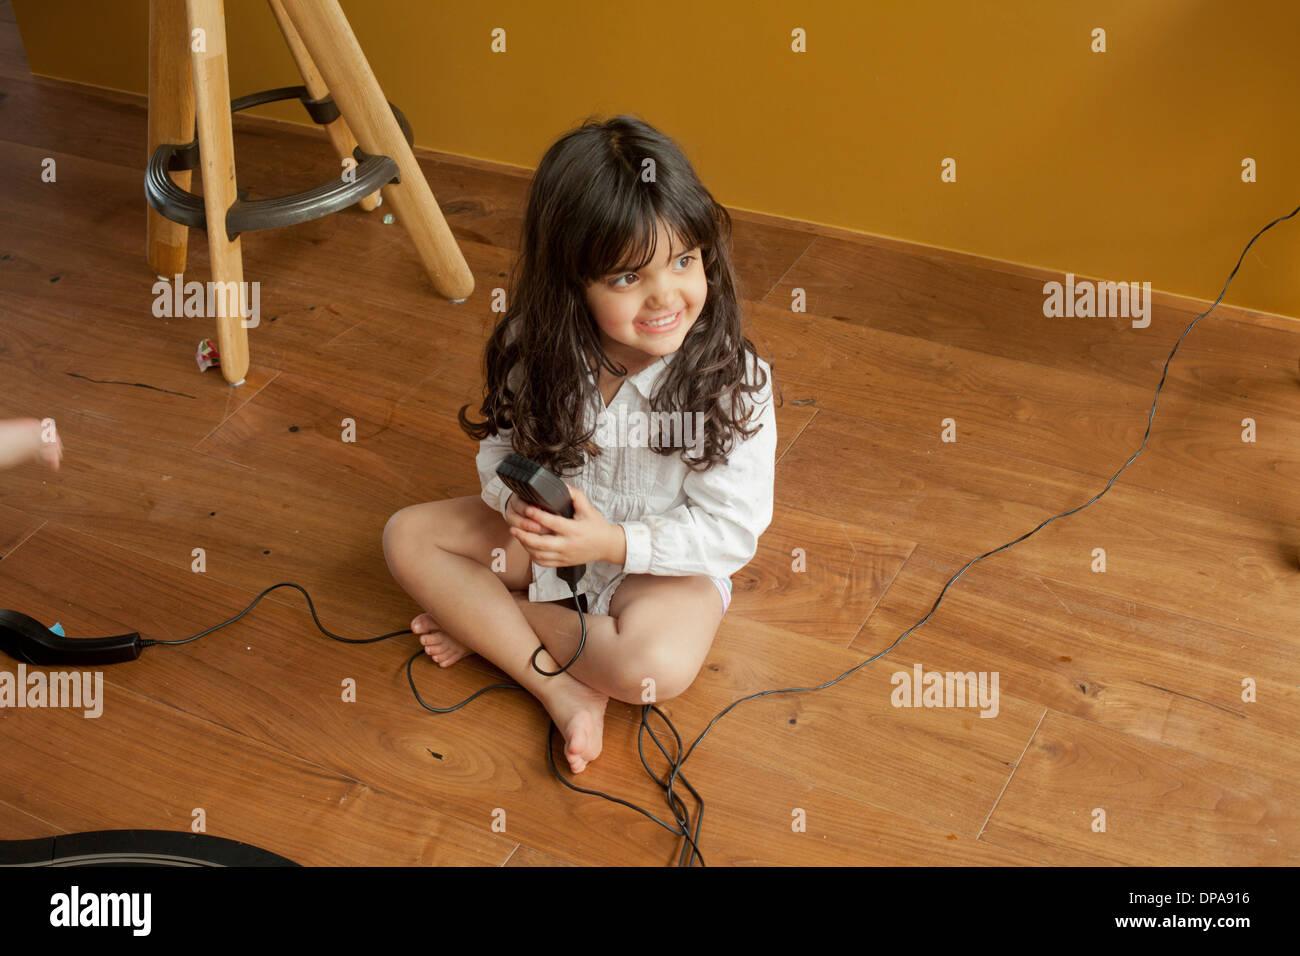 Une petite fille jouant par elle-même Photo Stock